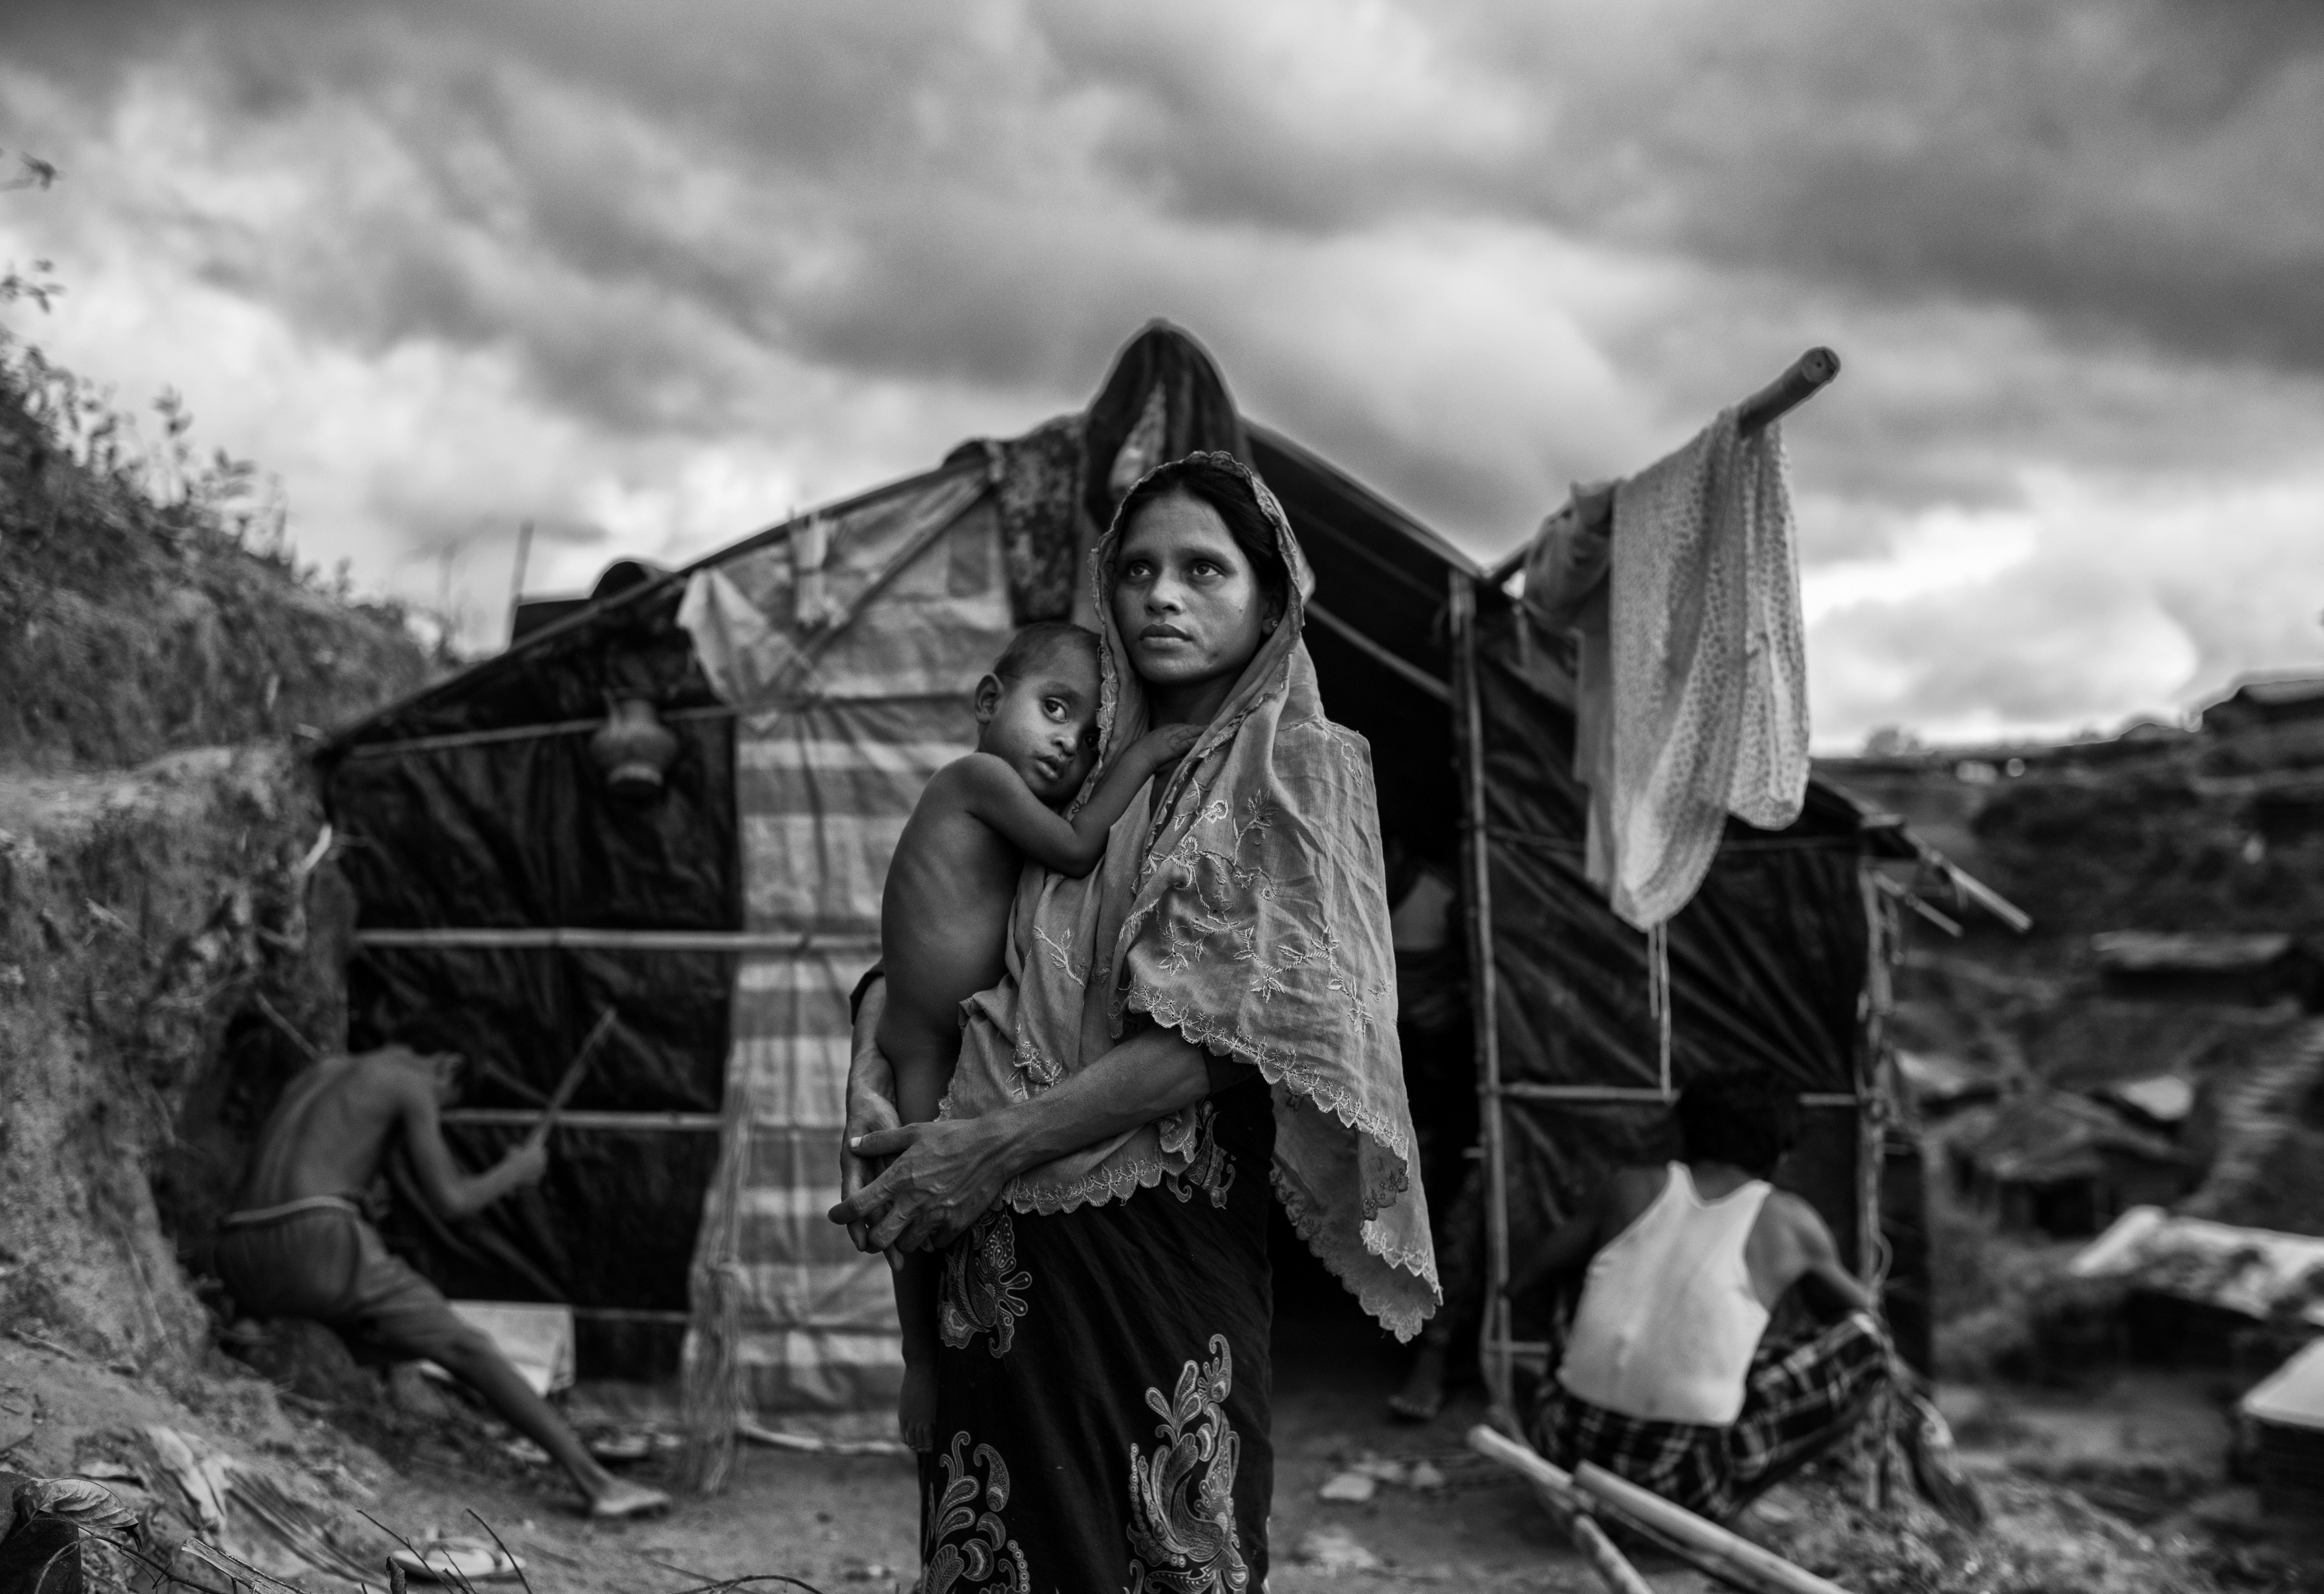 Una refugiada rohinyá en el campo de refugiados de Balukali (Kevin Frayer/Getty Images)